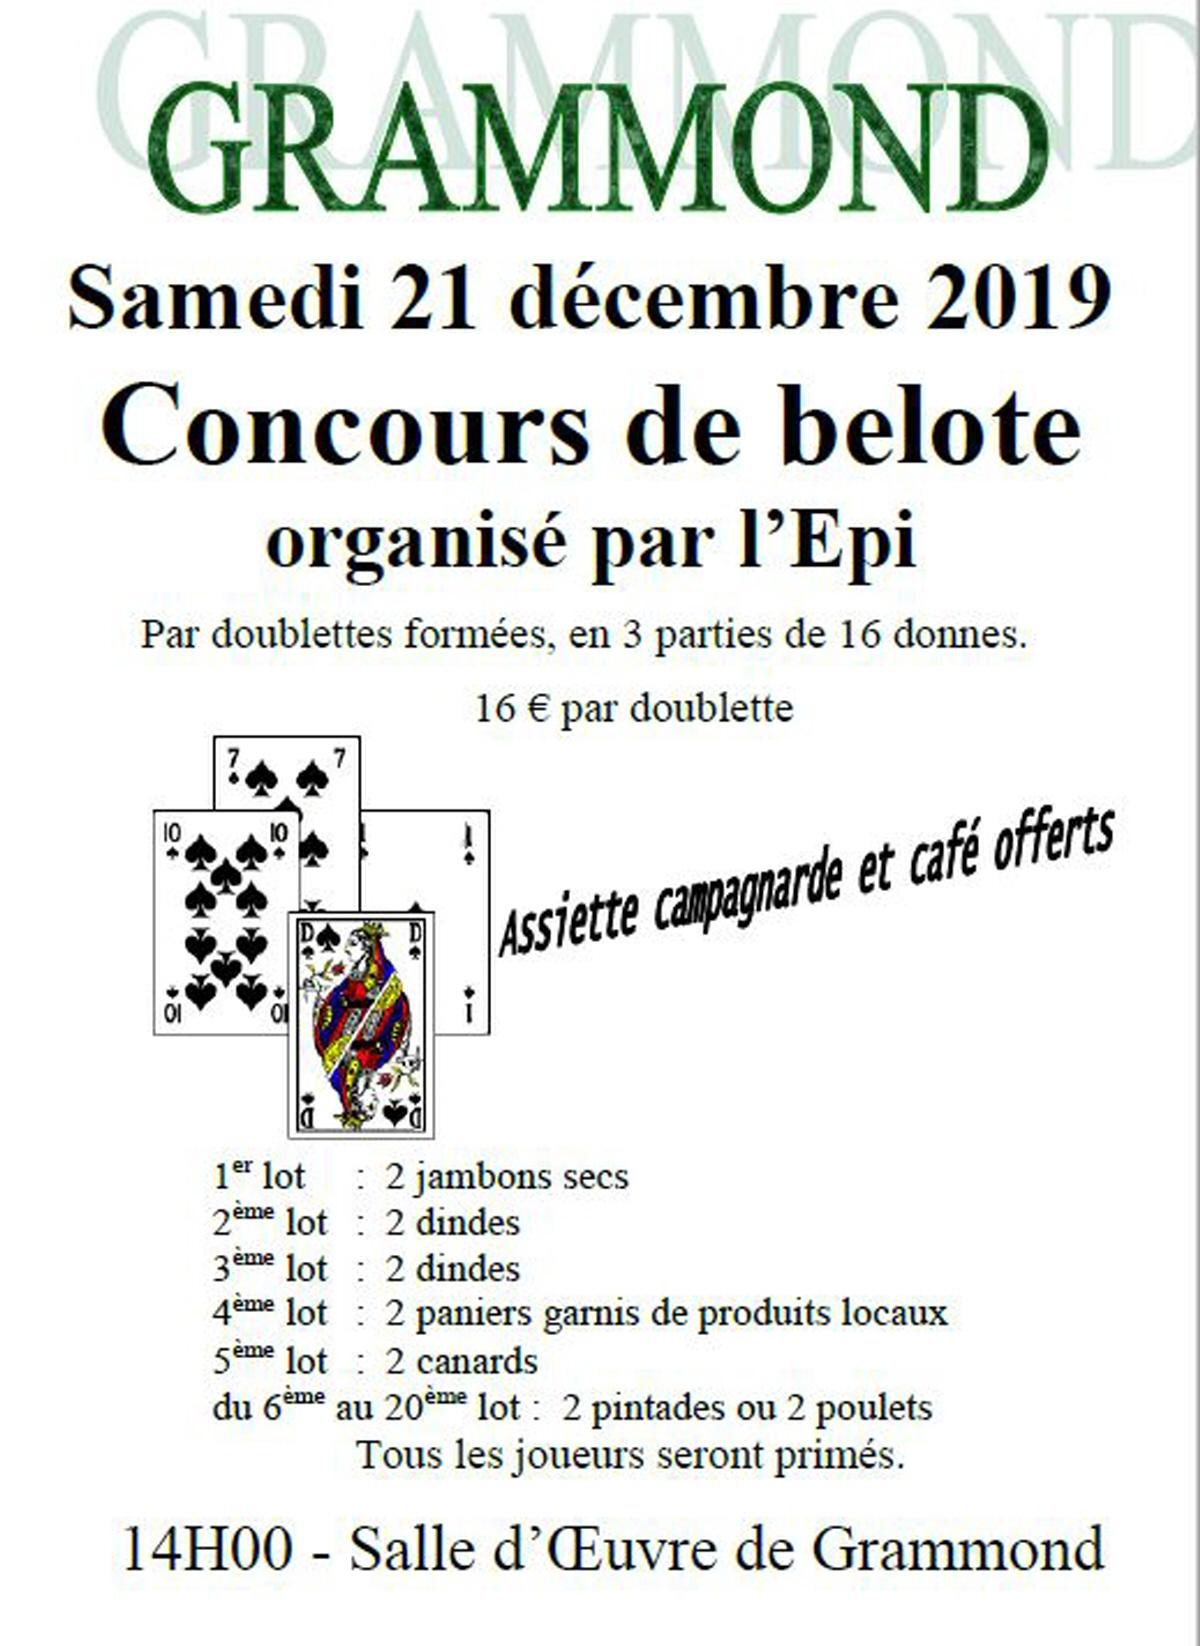 Concours De Belote : Jeu De Cartes Belote A Grammond à Jeux De Secs